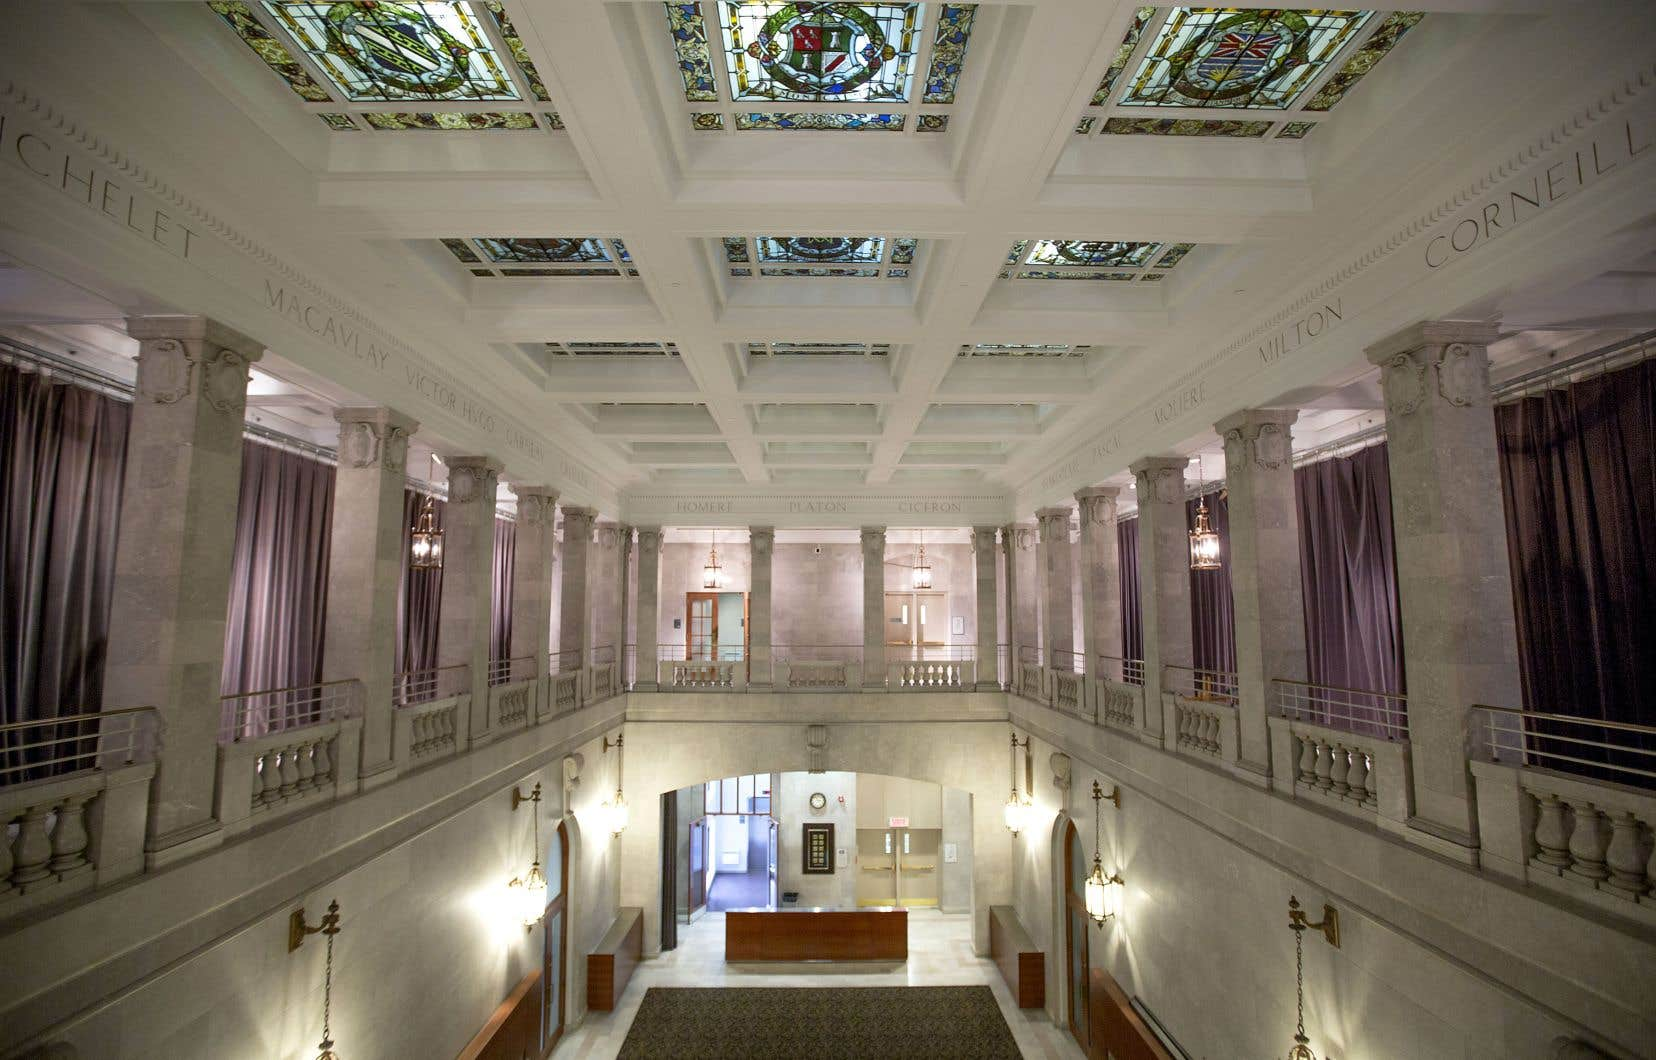 La bibliothèque centrale de Montréal a vu le jour en 1917.